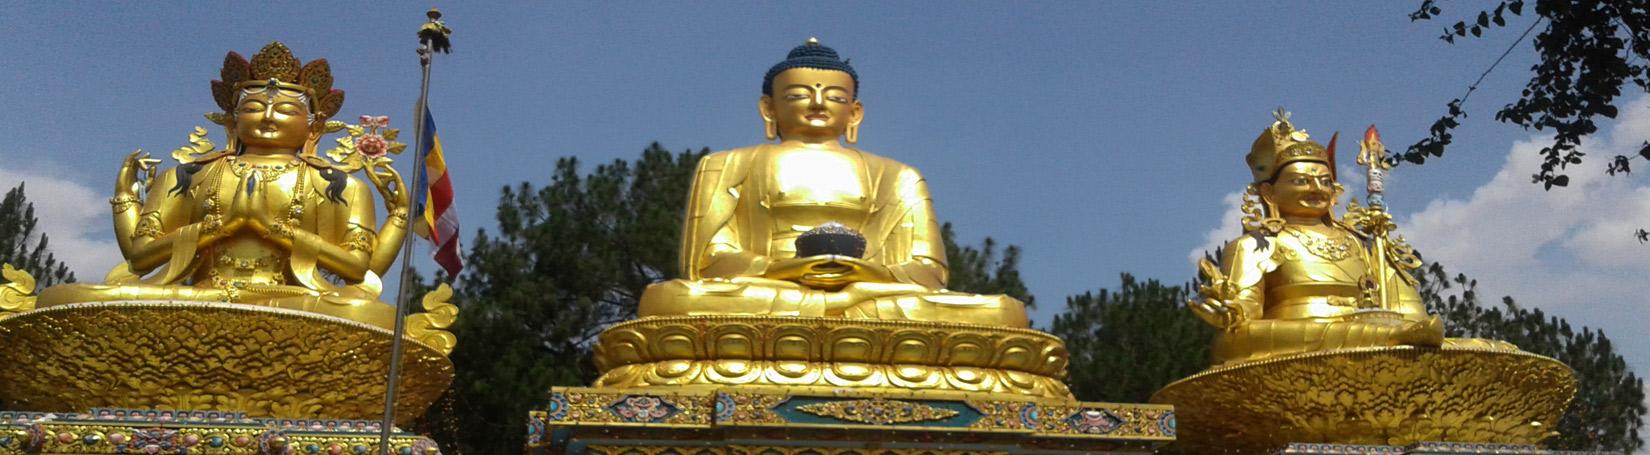 Statue of Buddha's